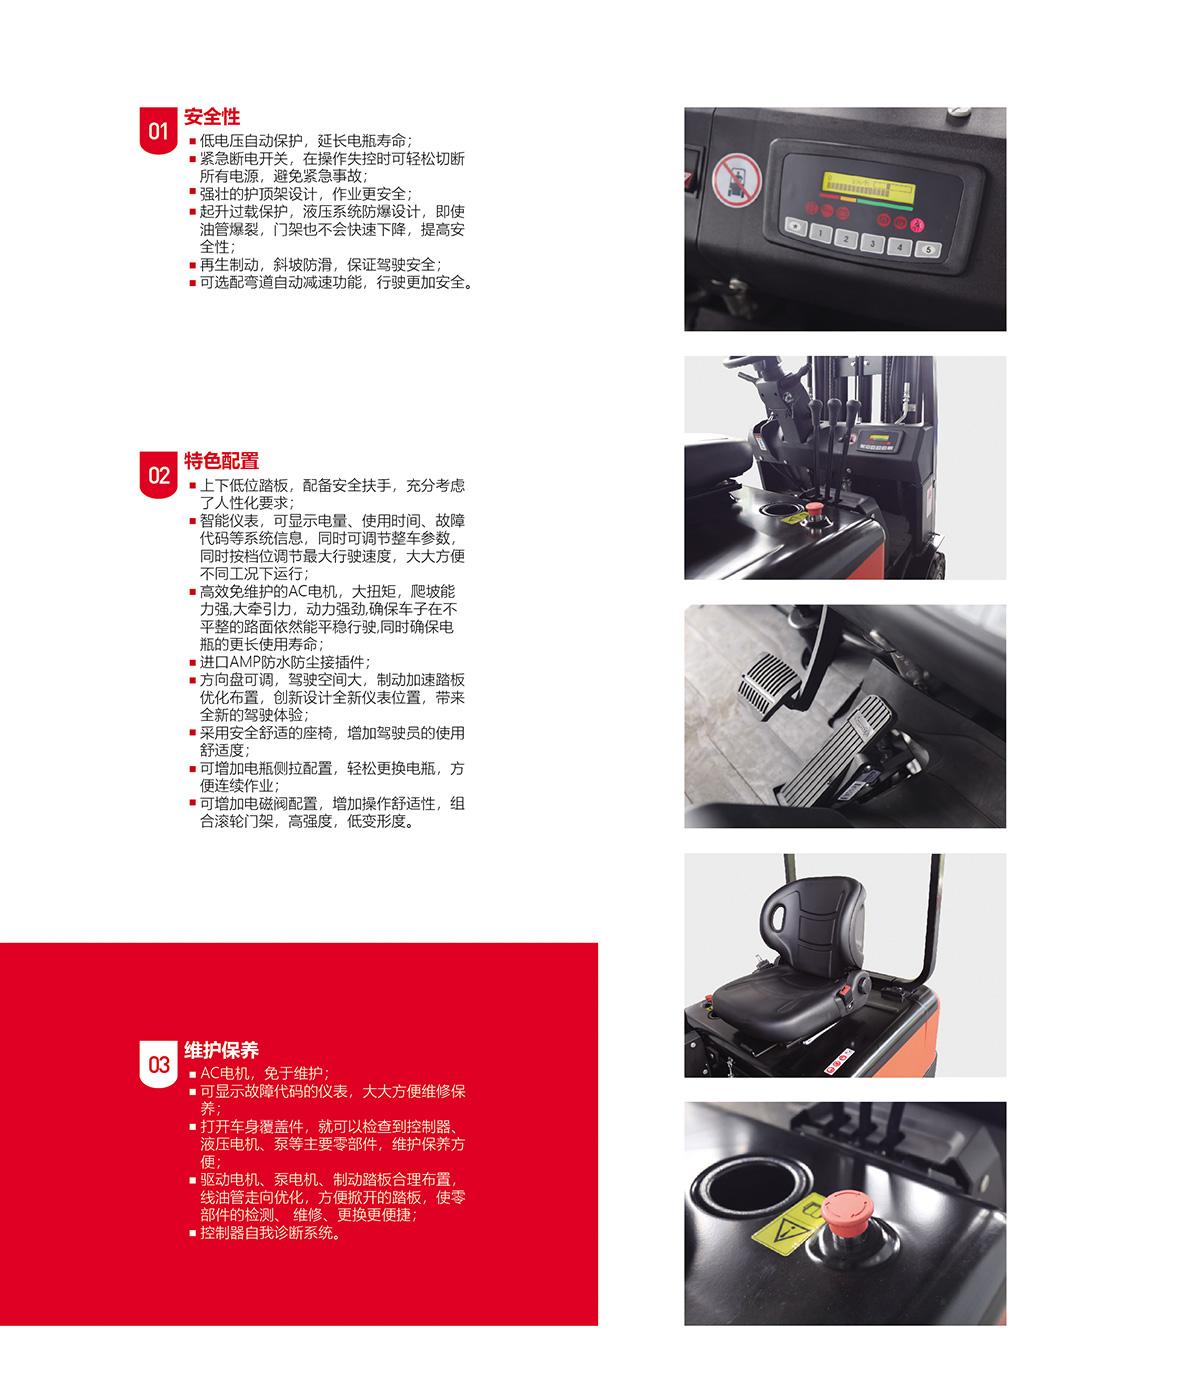 中力 1.5/1.8/2.0吨电动平衡重叉车(三支点) CPD15/18/20TV